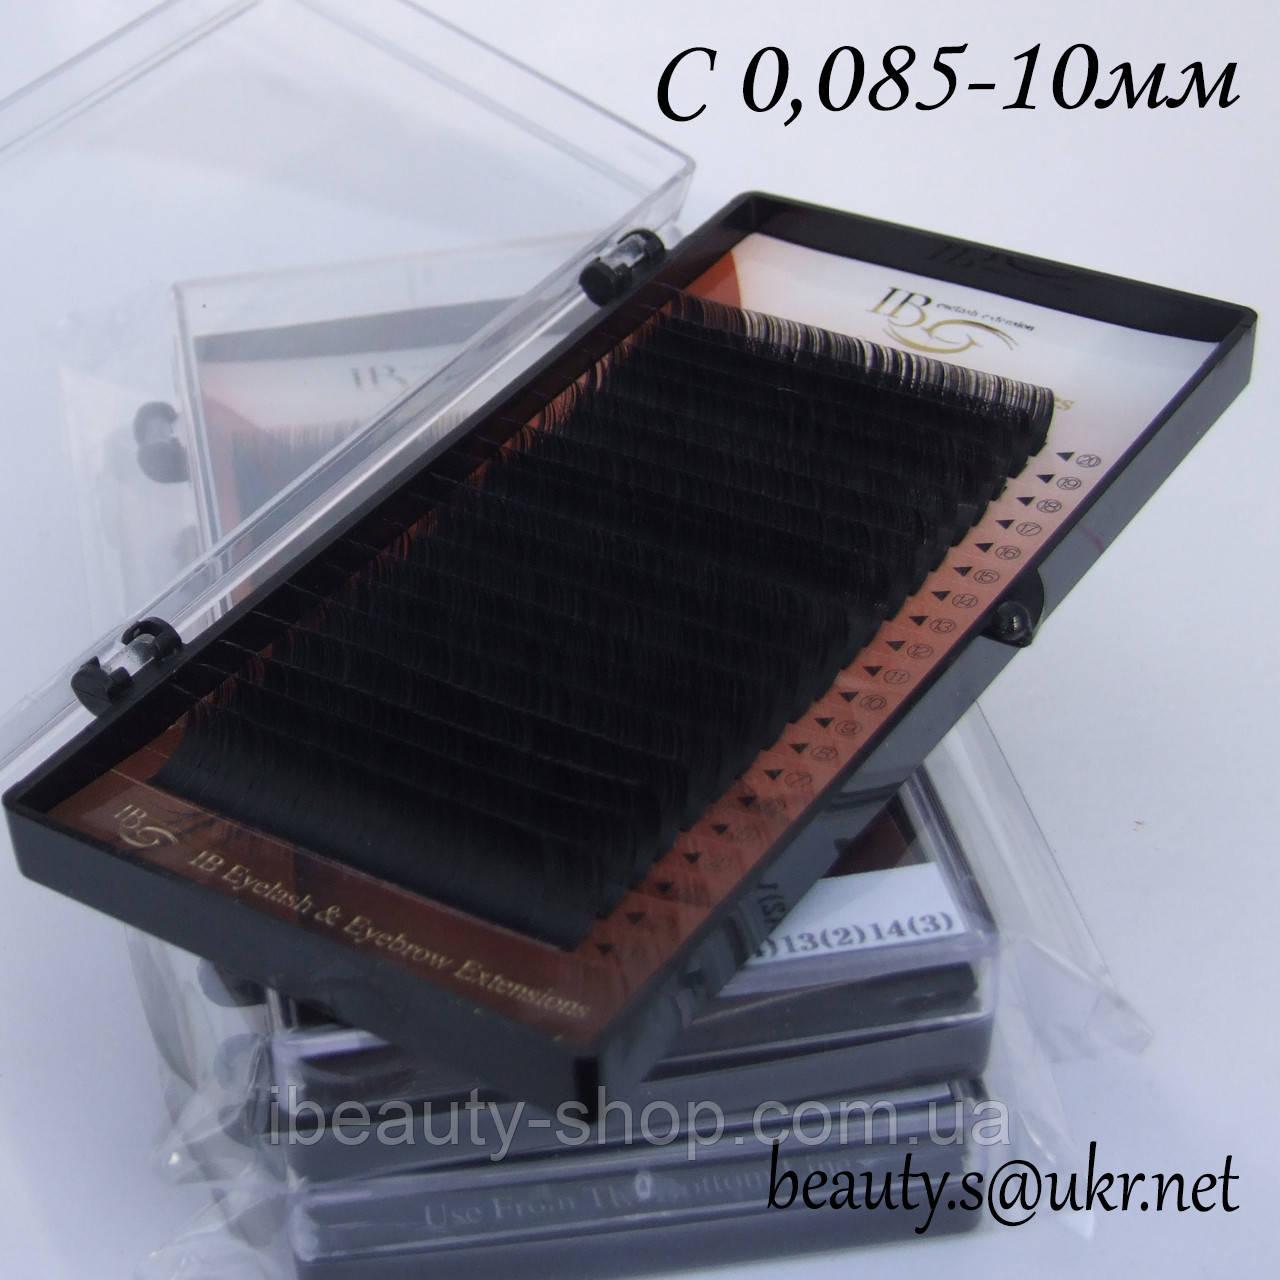 Ресницы  I-Beauty на ленте C-0,085 10мм